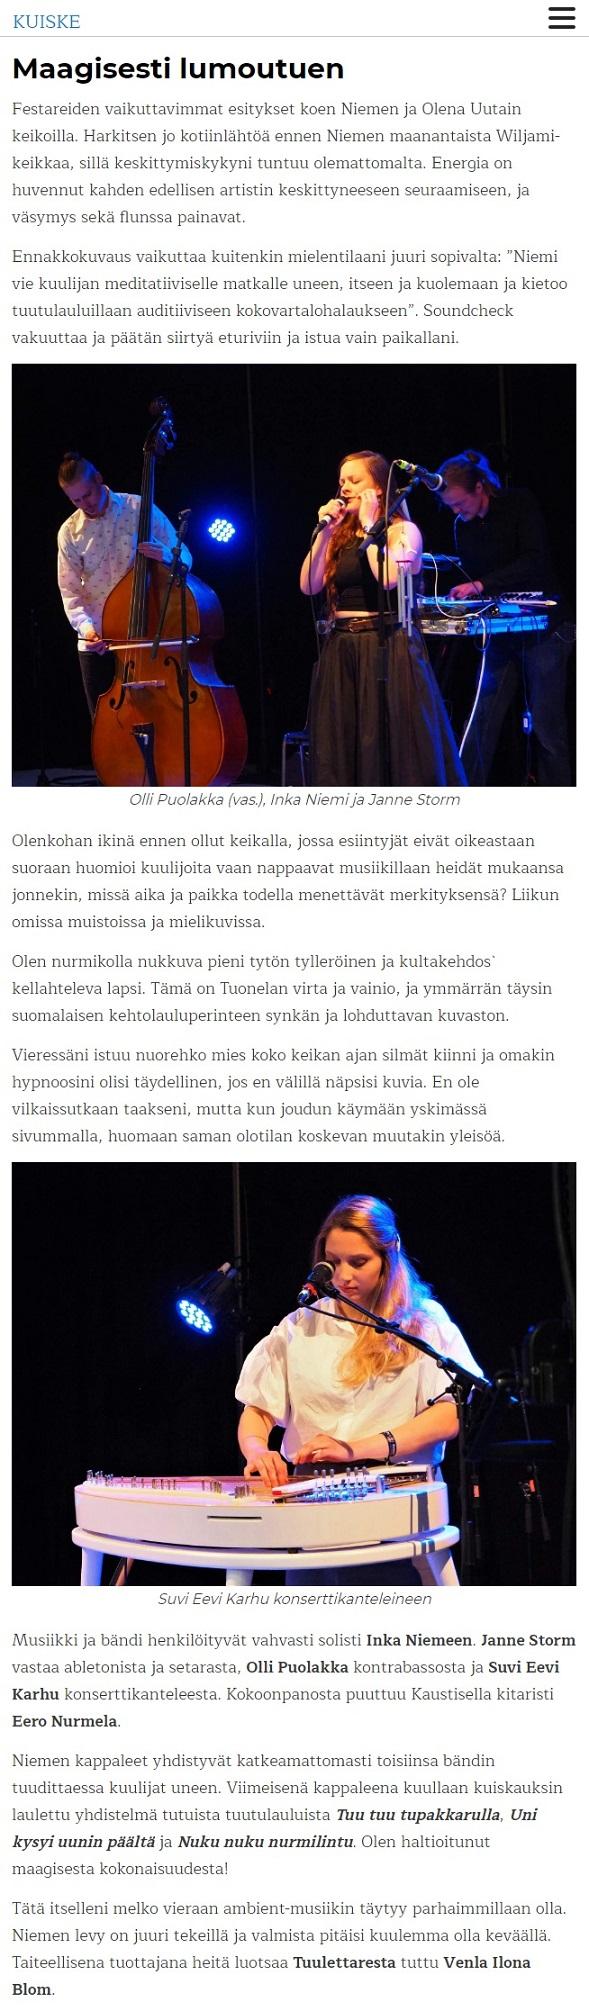 Kuiske (Finland), 29.7.2019